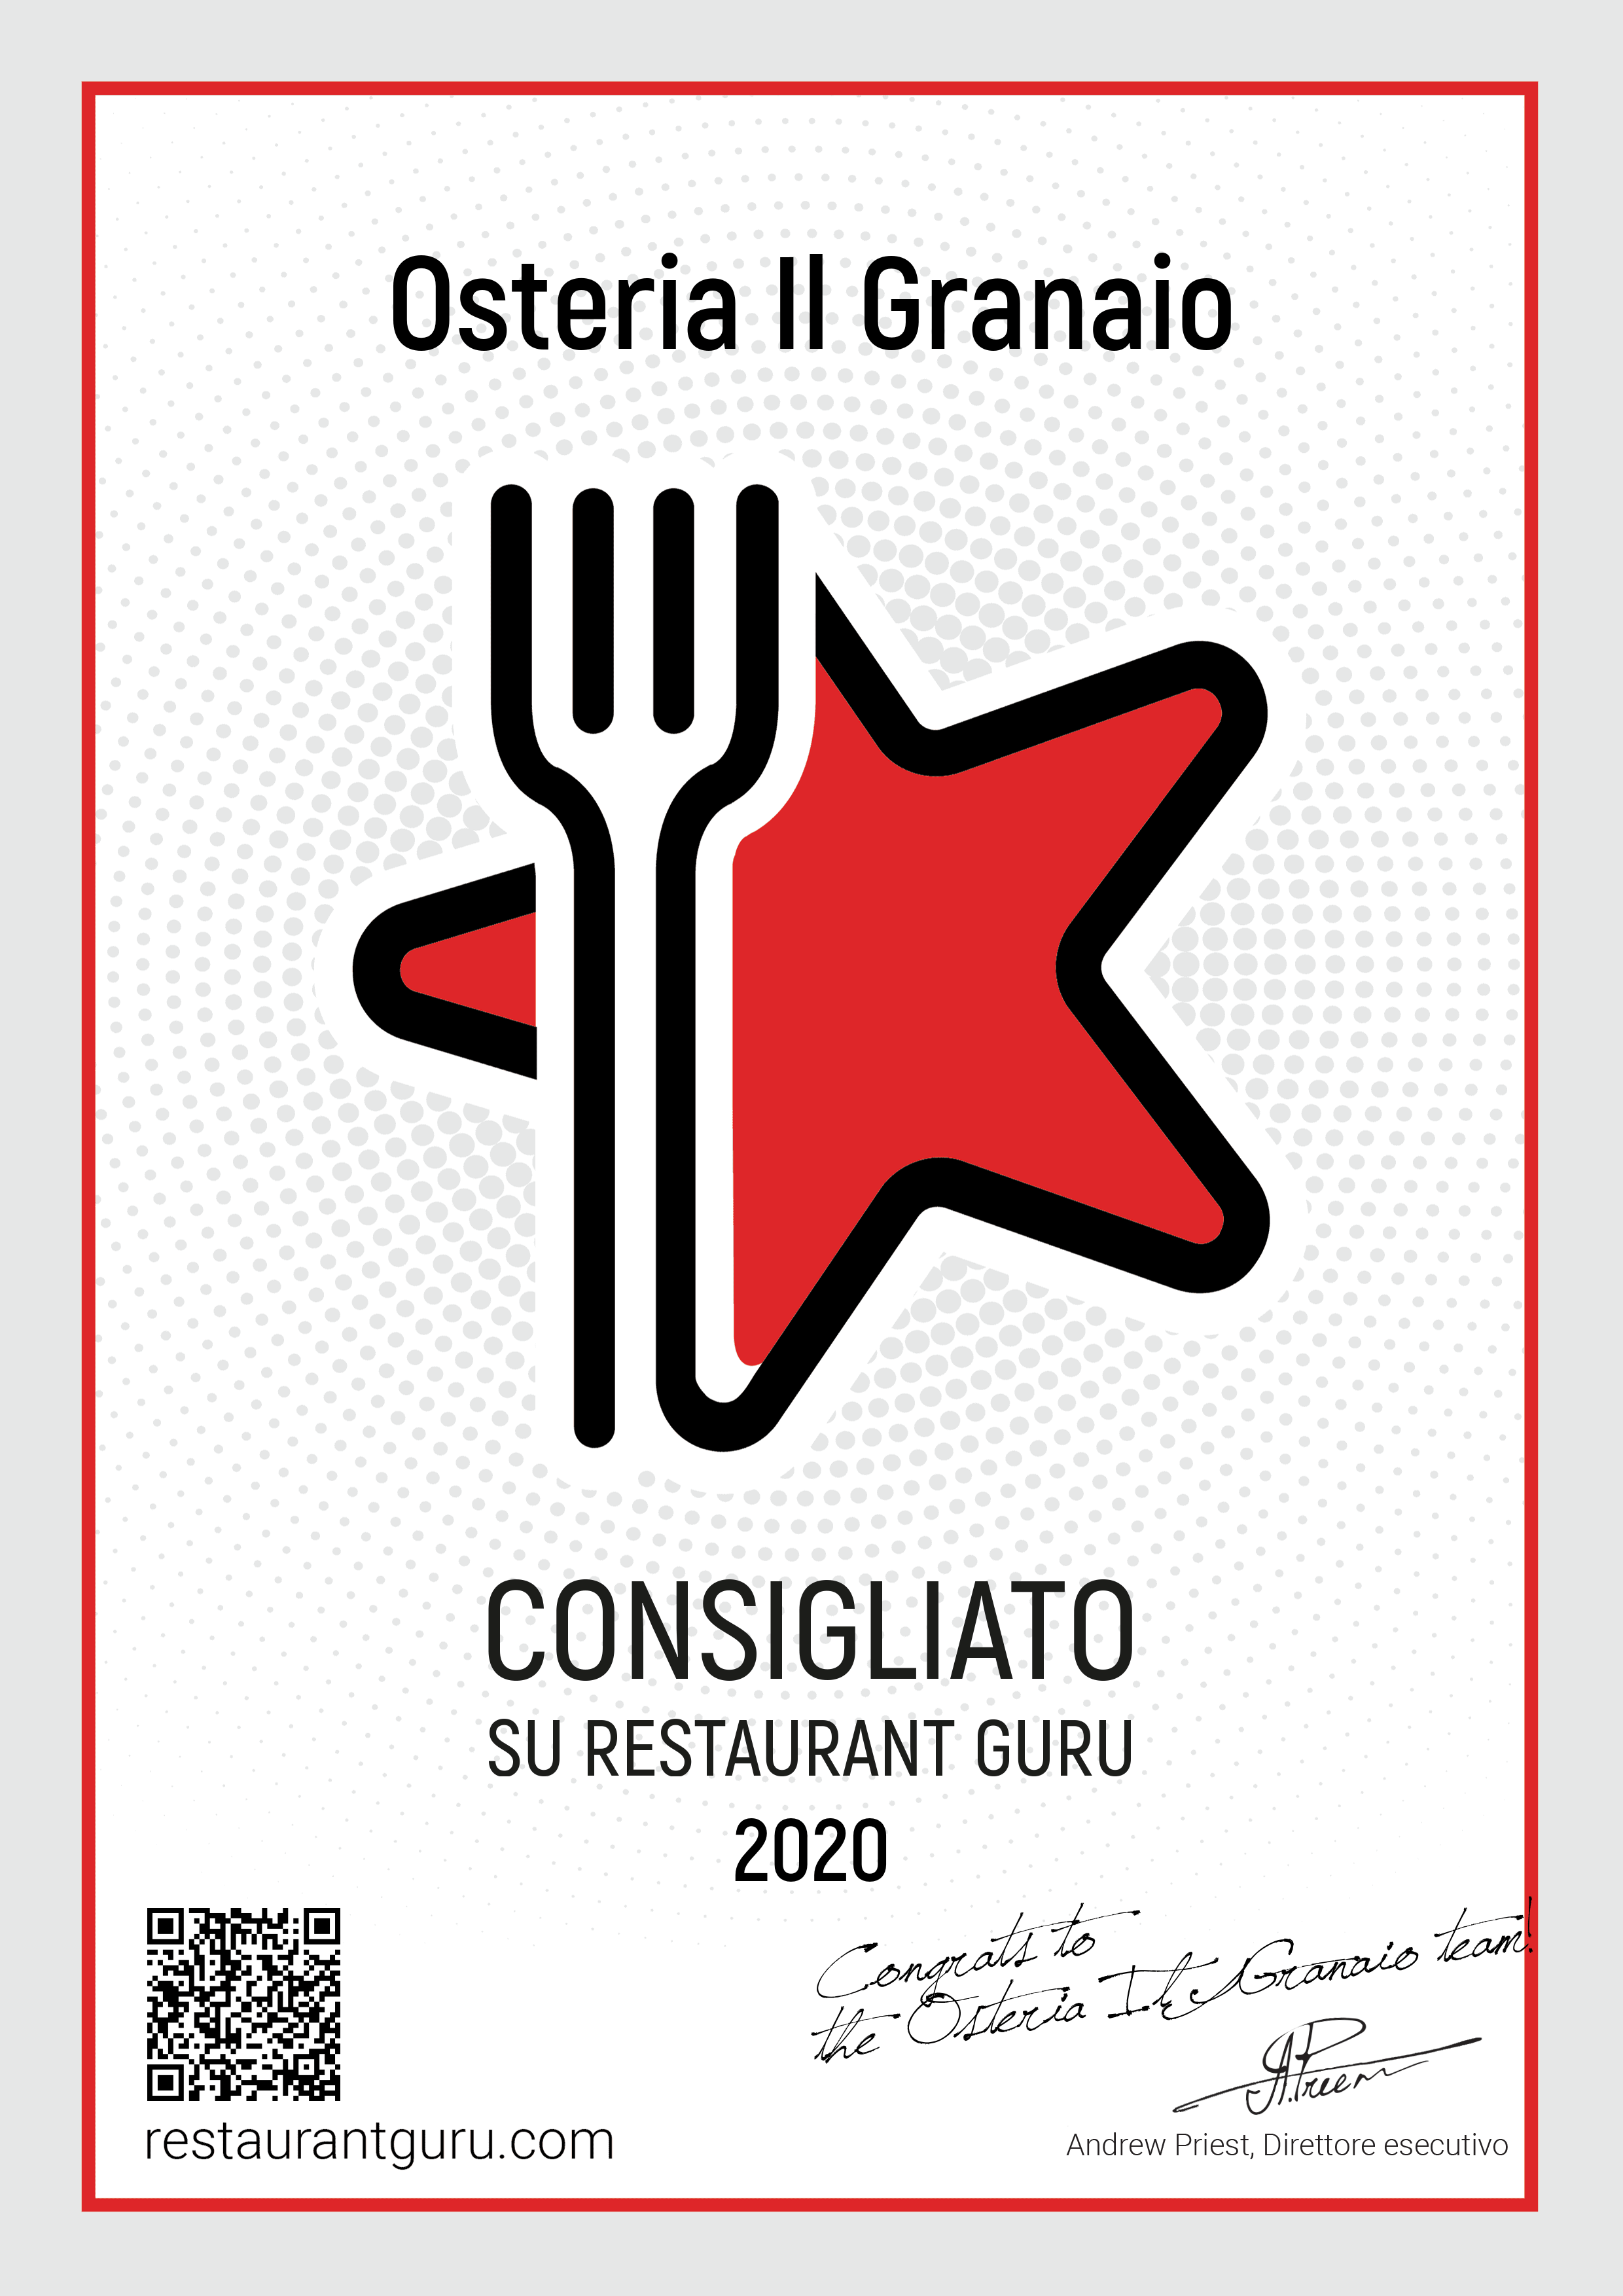 RestaurantGuru_Certificate-Consigliato